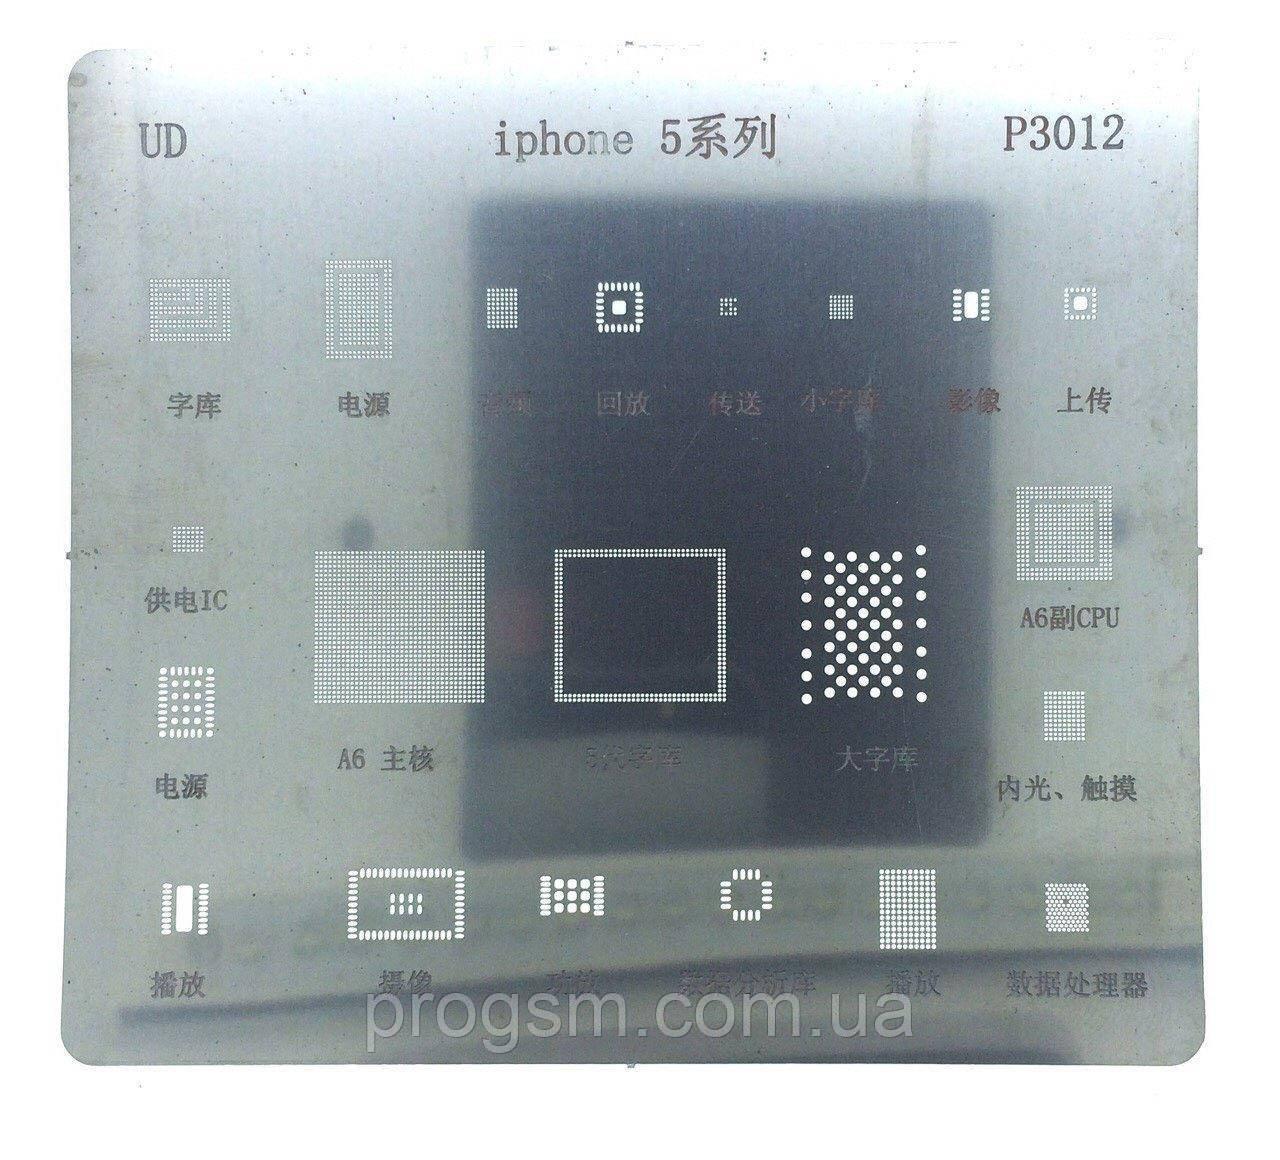 Трафарет (Шаблон) iPhone 5